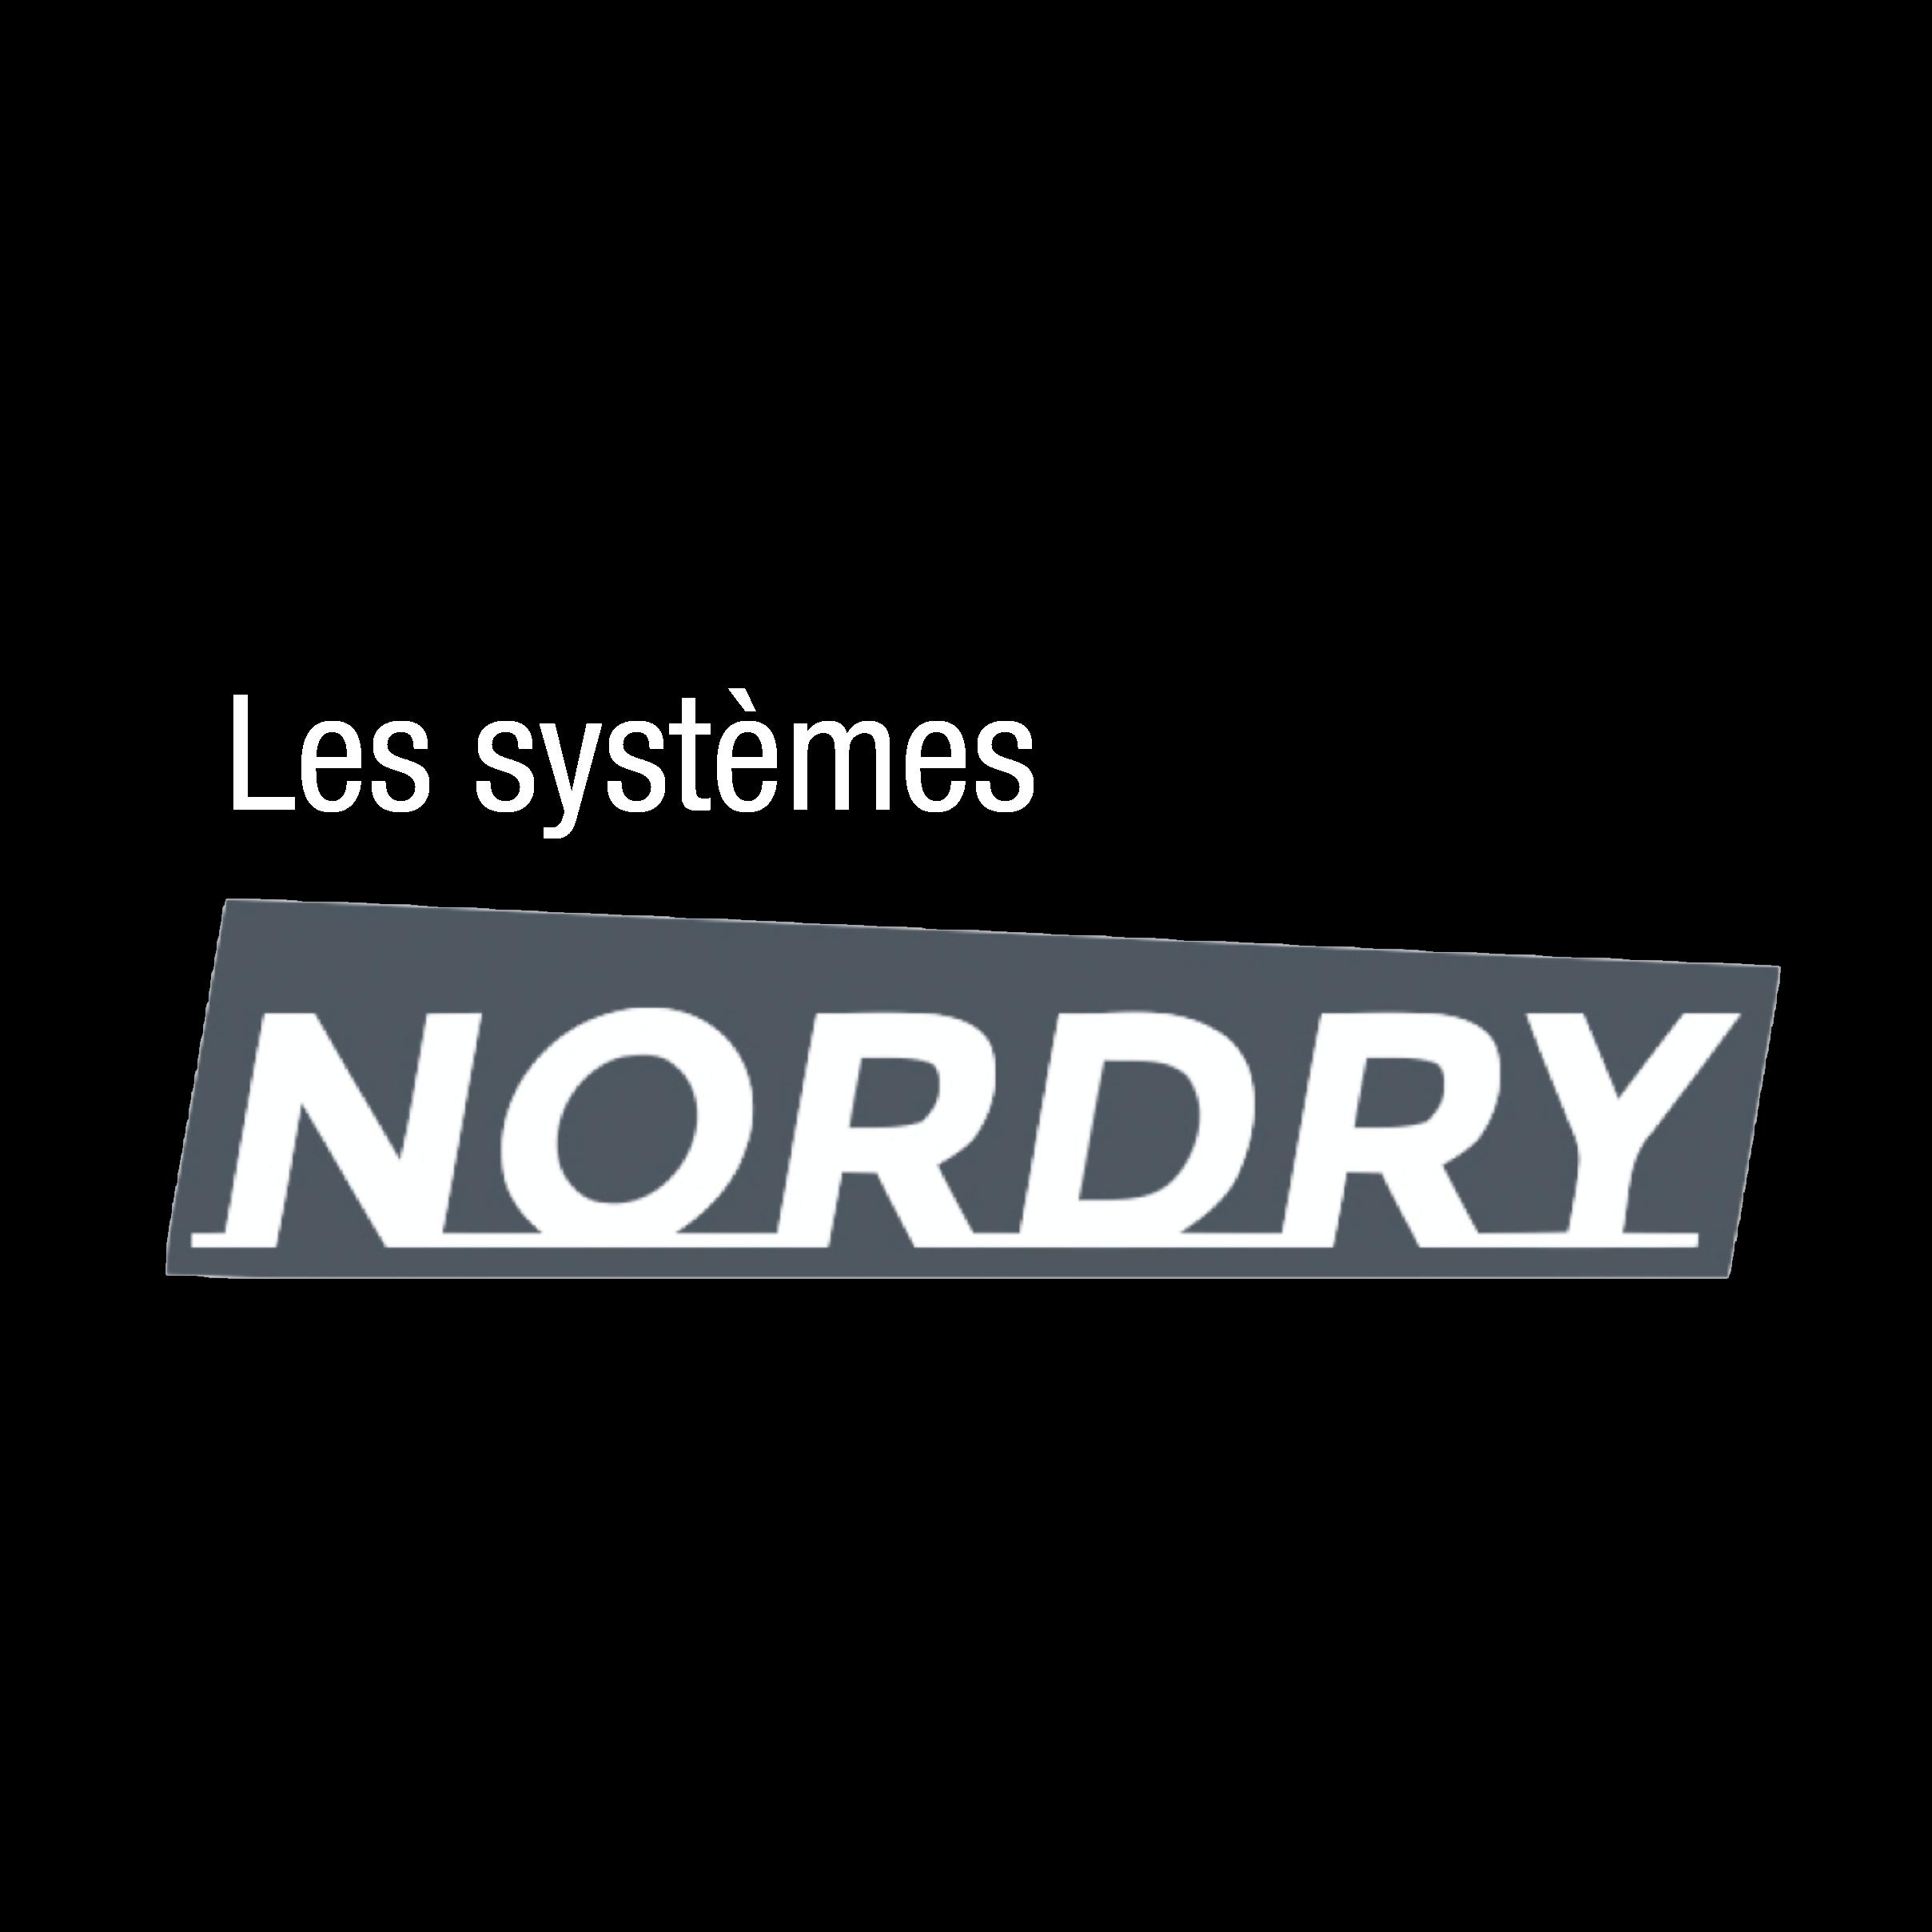 Les systèmes Nordy